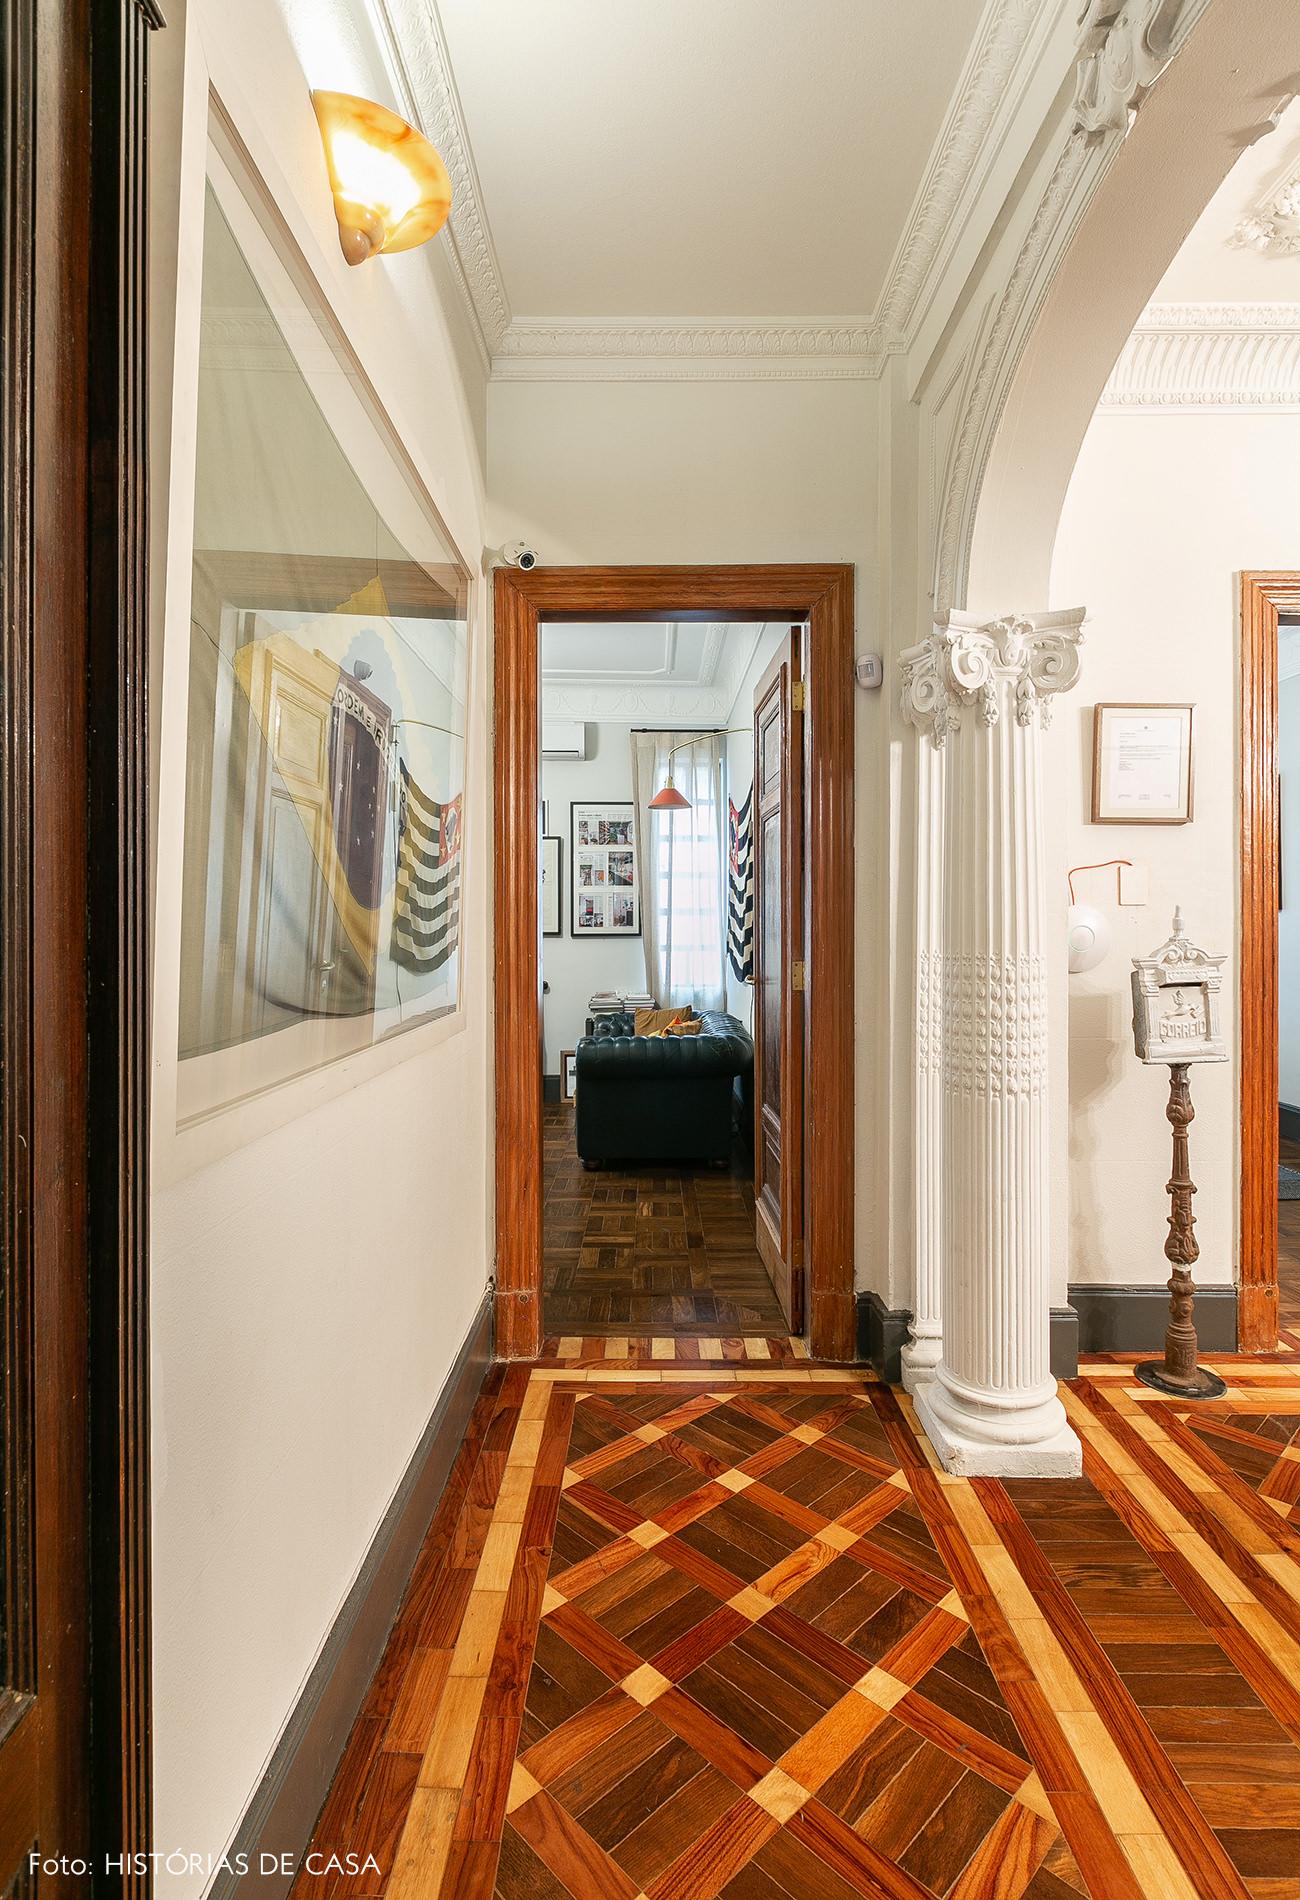 Hall de corredor em imóvel antigo, piso de marchetaria